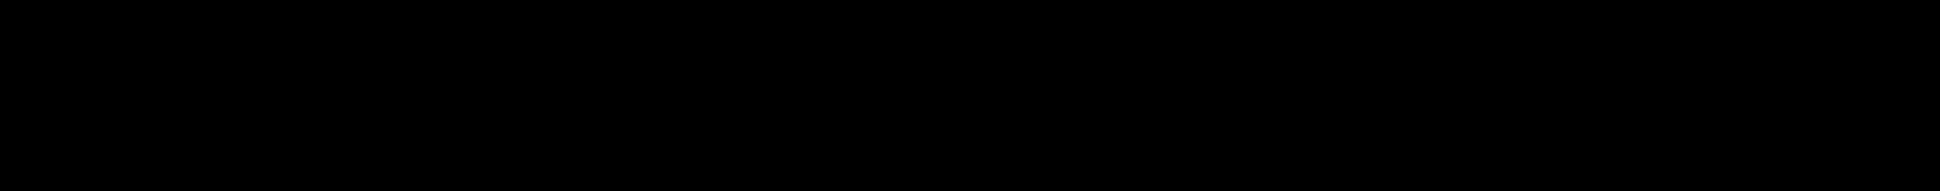 Calluna Sans Regular